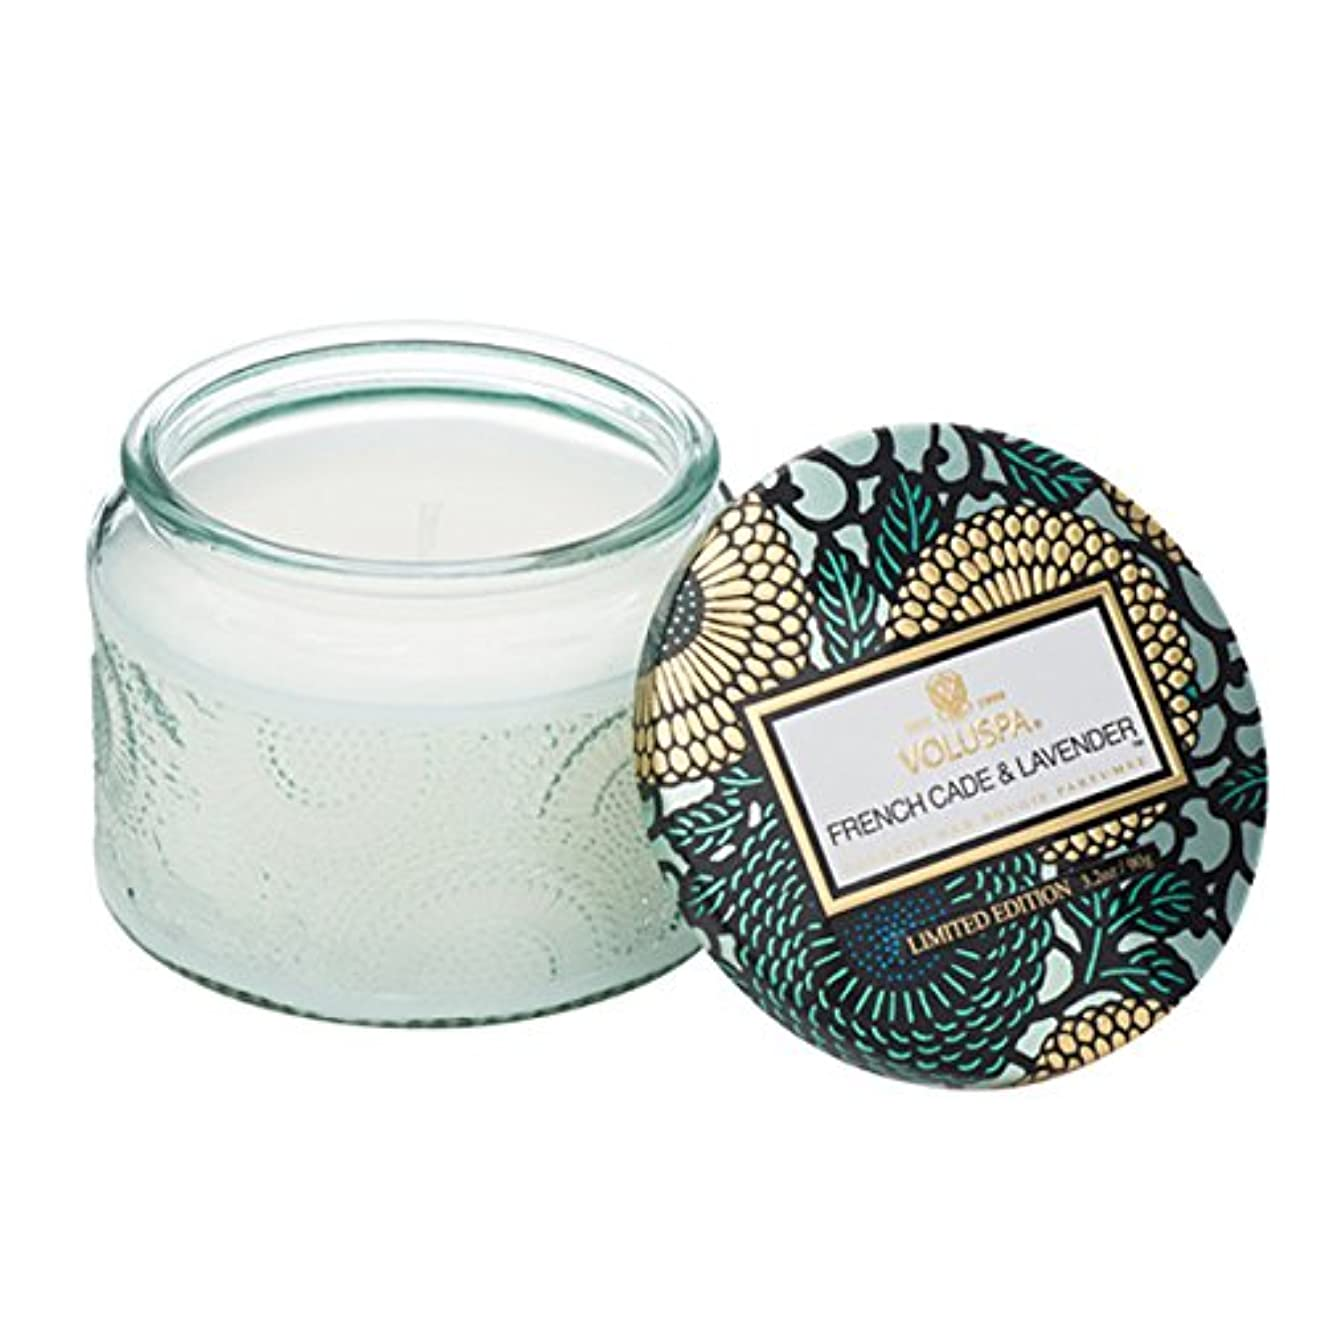 威信有望ランドマークVoluspa ボルスパ ジャポニカ リミテッド グラスジャーキャンドル  S フレンチケード&ラベンダー FRENCH CADE LAVENDER  JAPONICA Limited PETITE EMBOSSED Glass jar candle